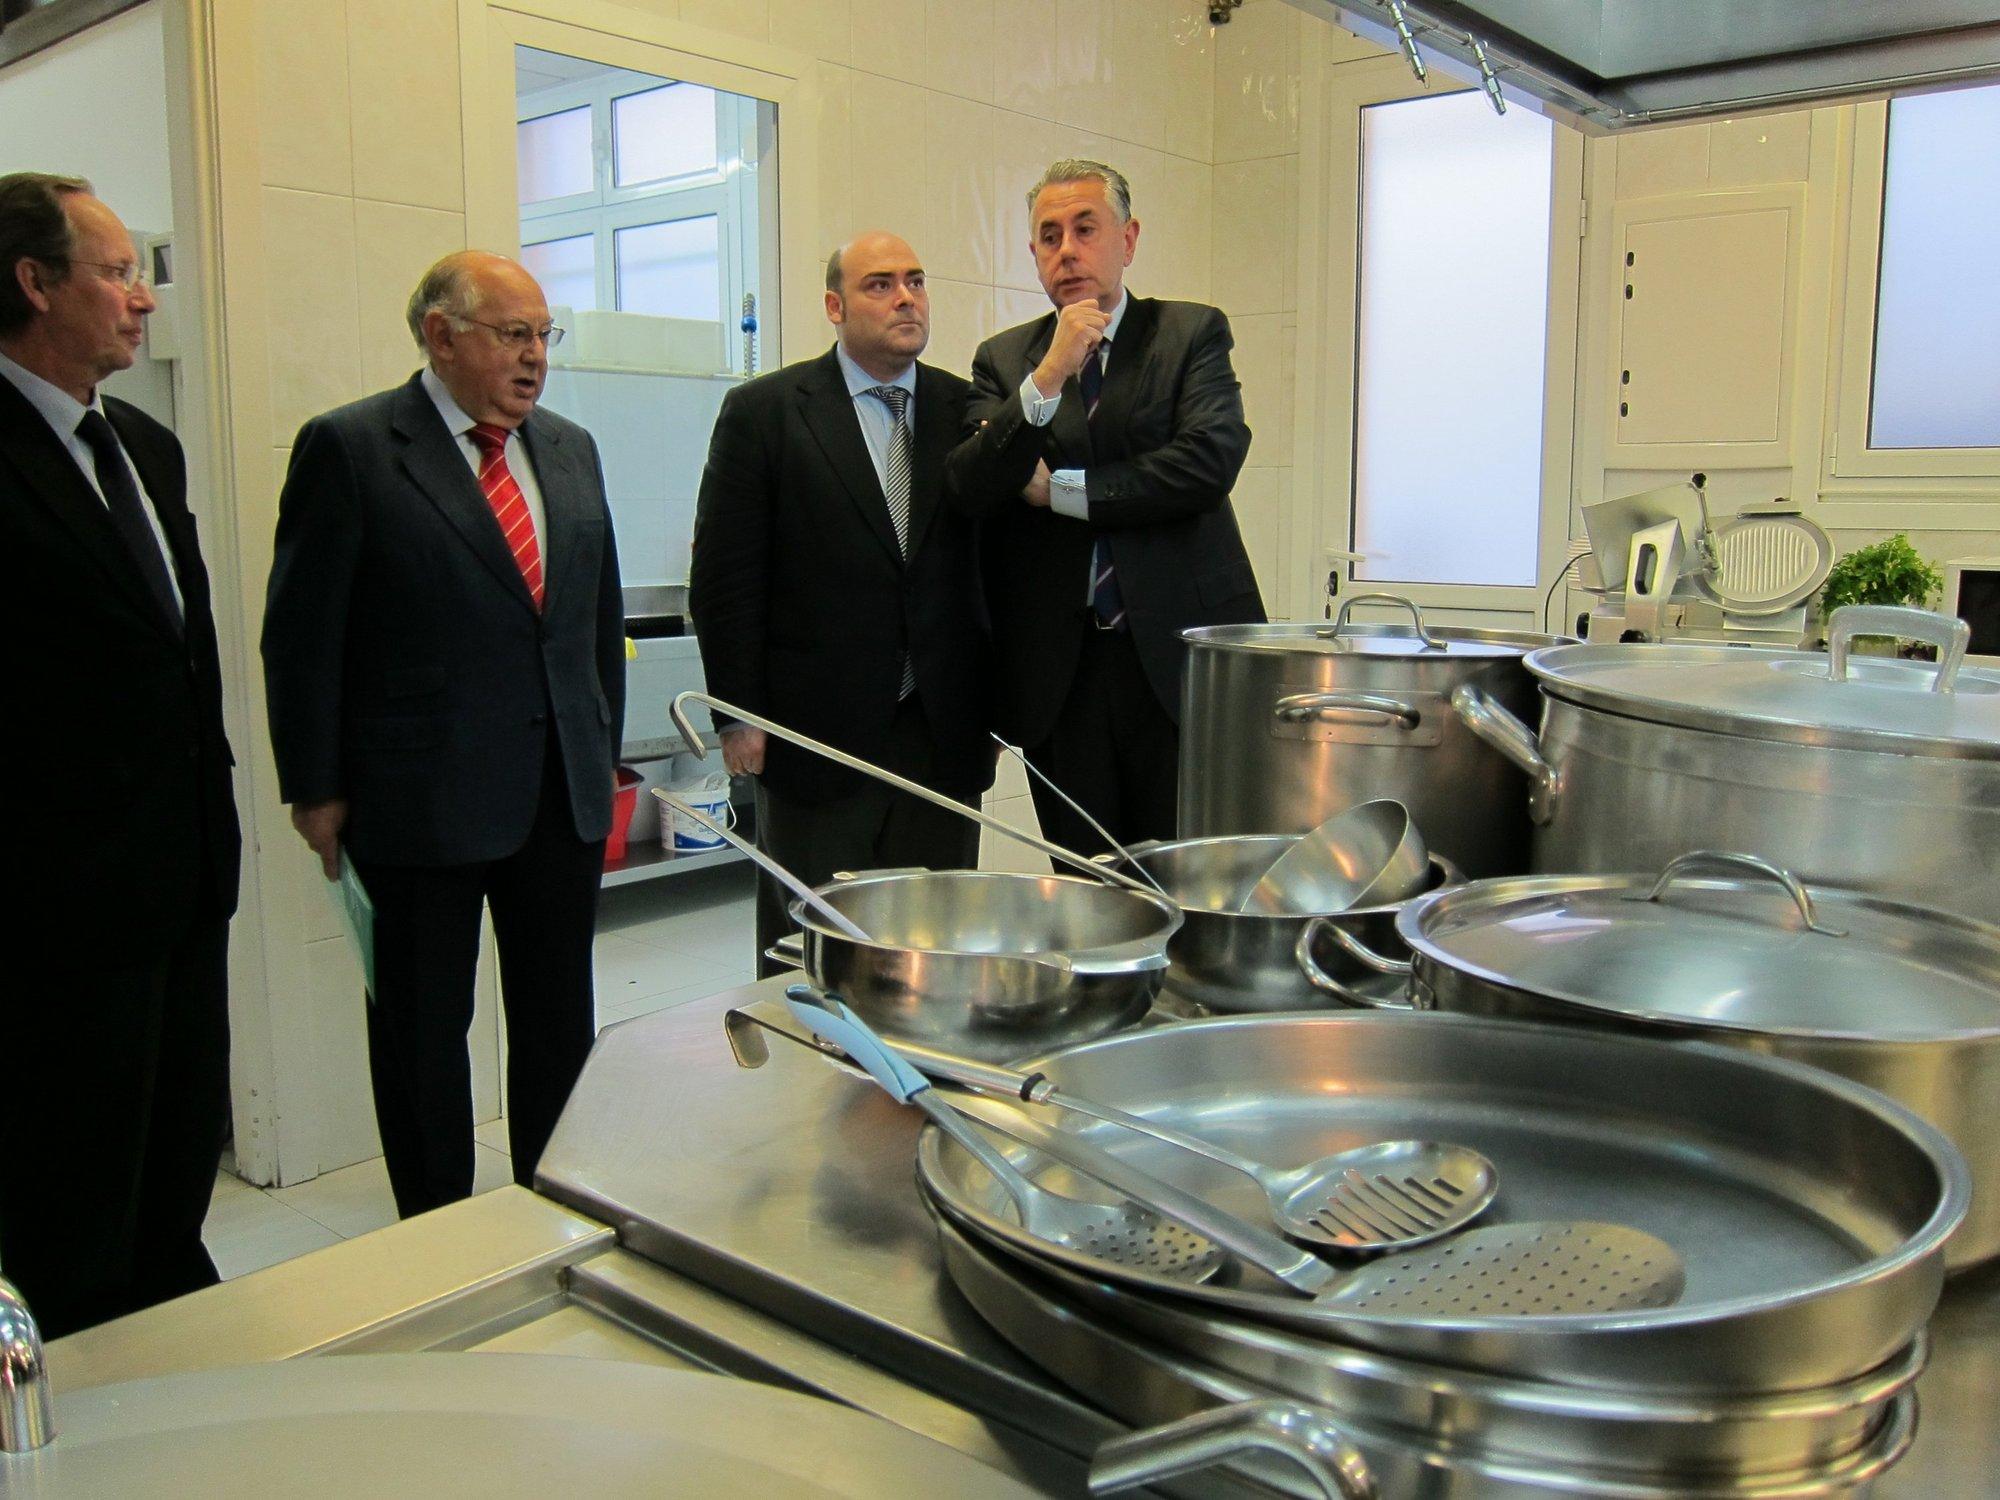 La Cocina Económica de Oviedo prevé superar en 2012 las 112.000 comidas